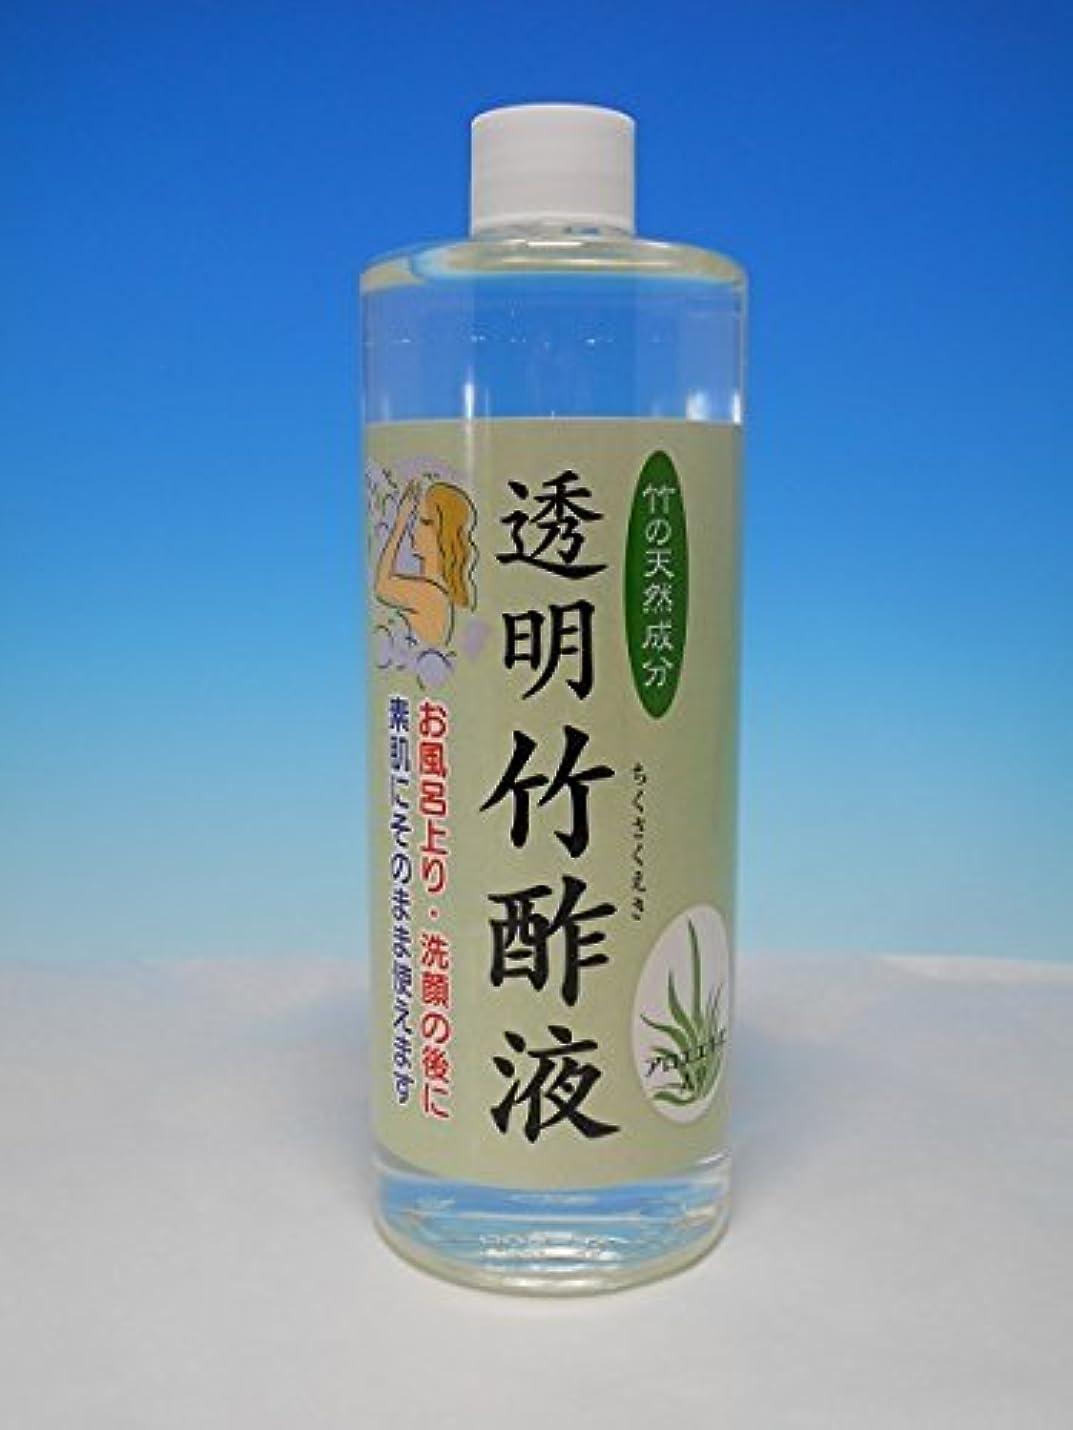 一時的ライナーデコレーション透明竹酢液 500ml 素肌に使える化粧水タイプの竹酢液